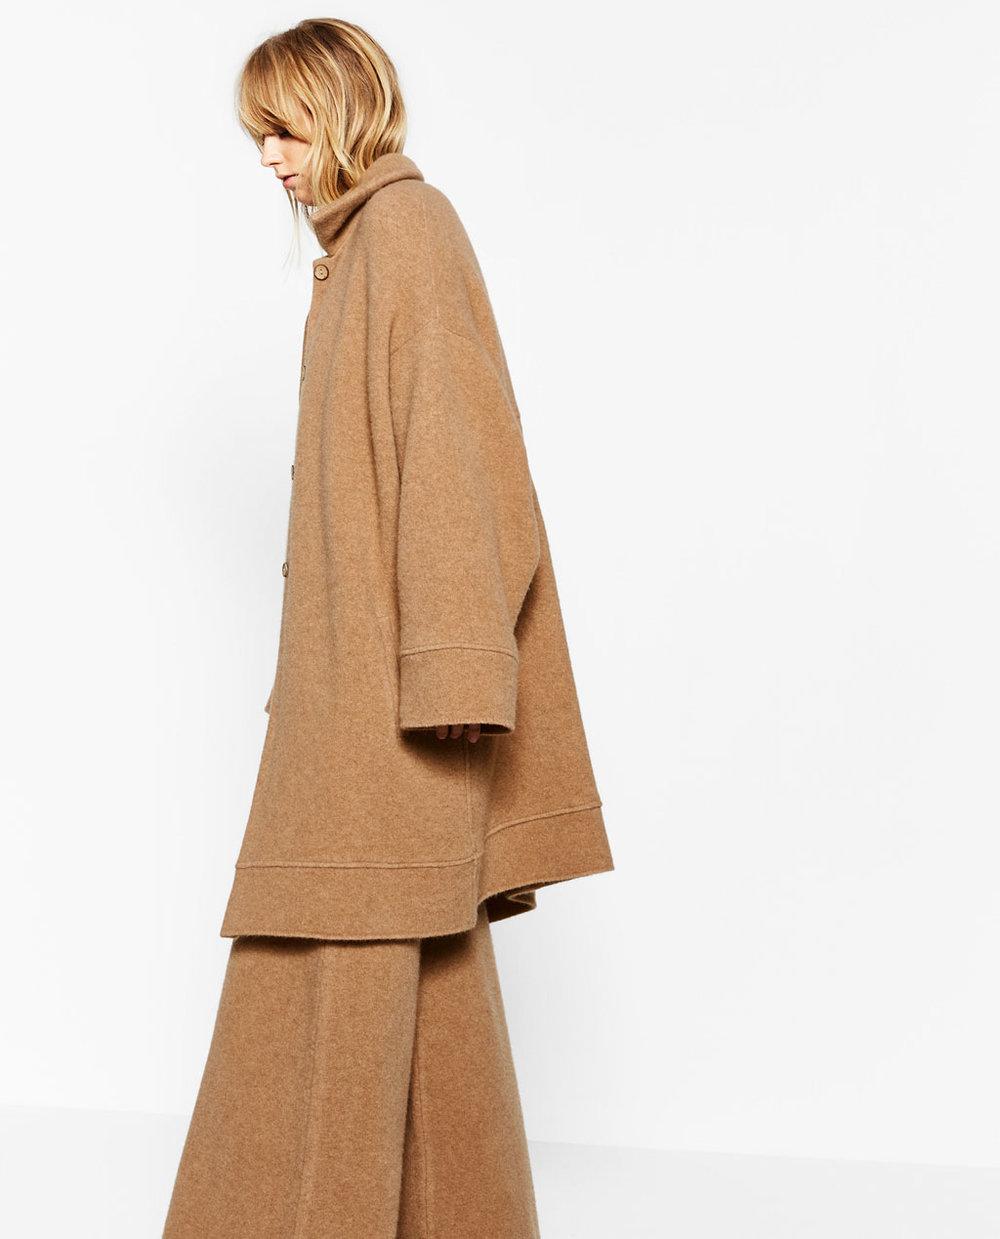 Zara $189.00